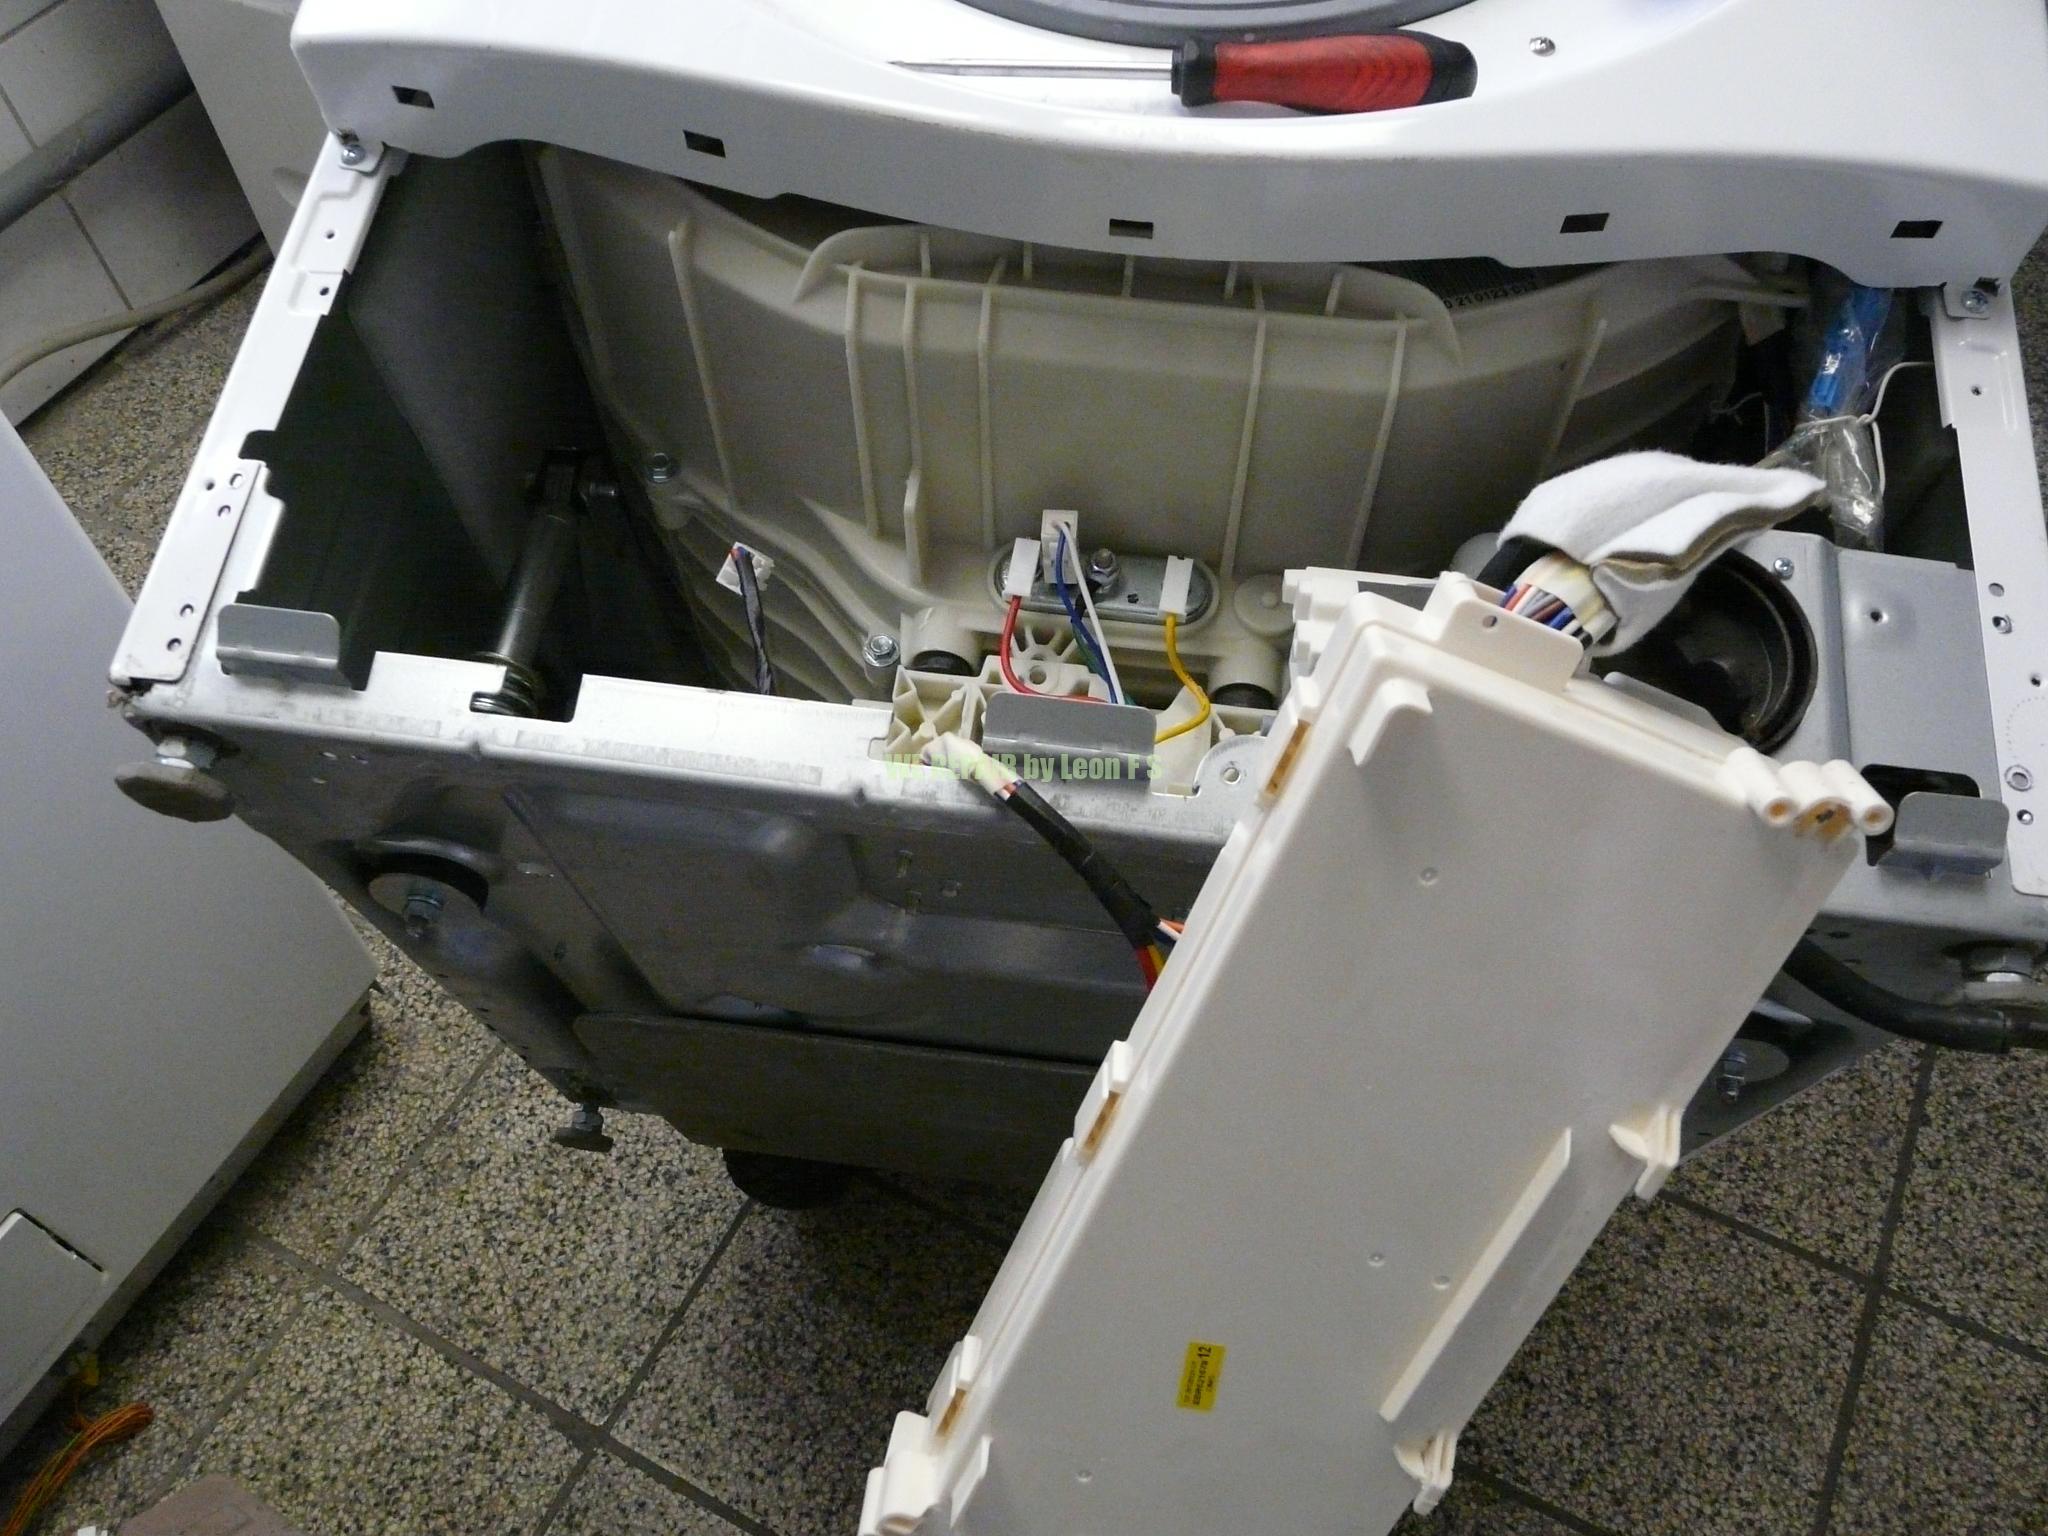 Beliebt Waschmaschine LG F1495BD frisst Socke und schwer raus zu holen QY66